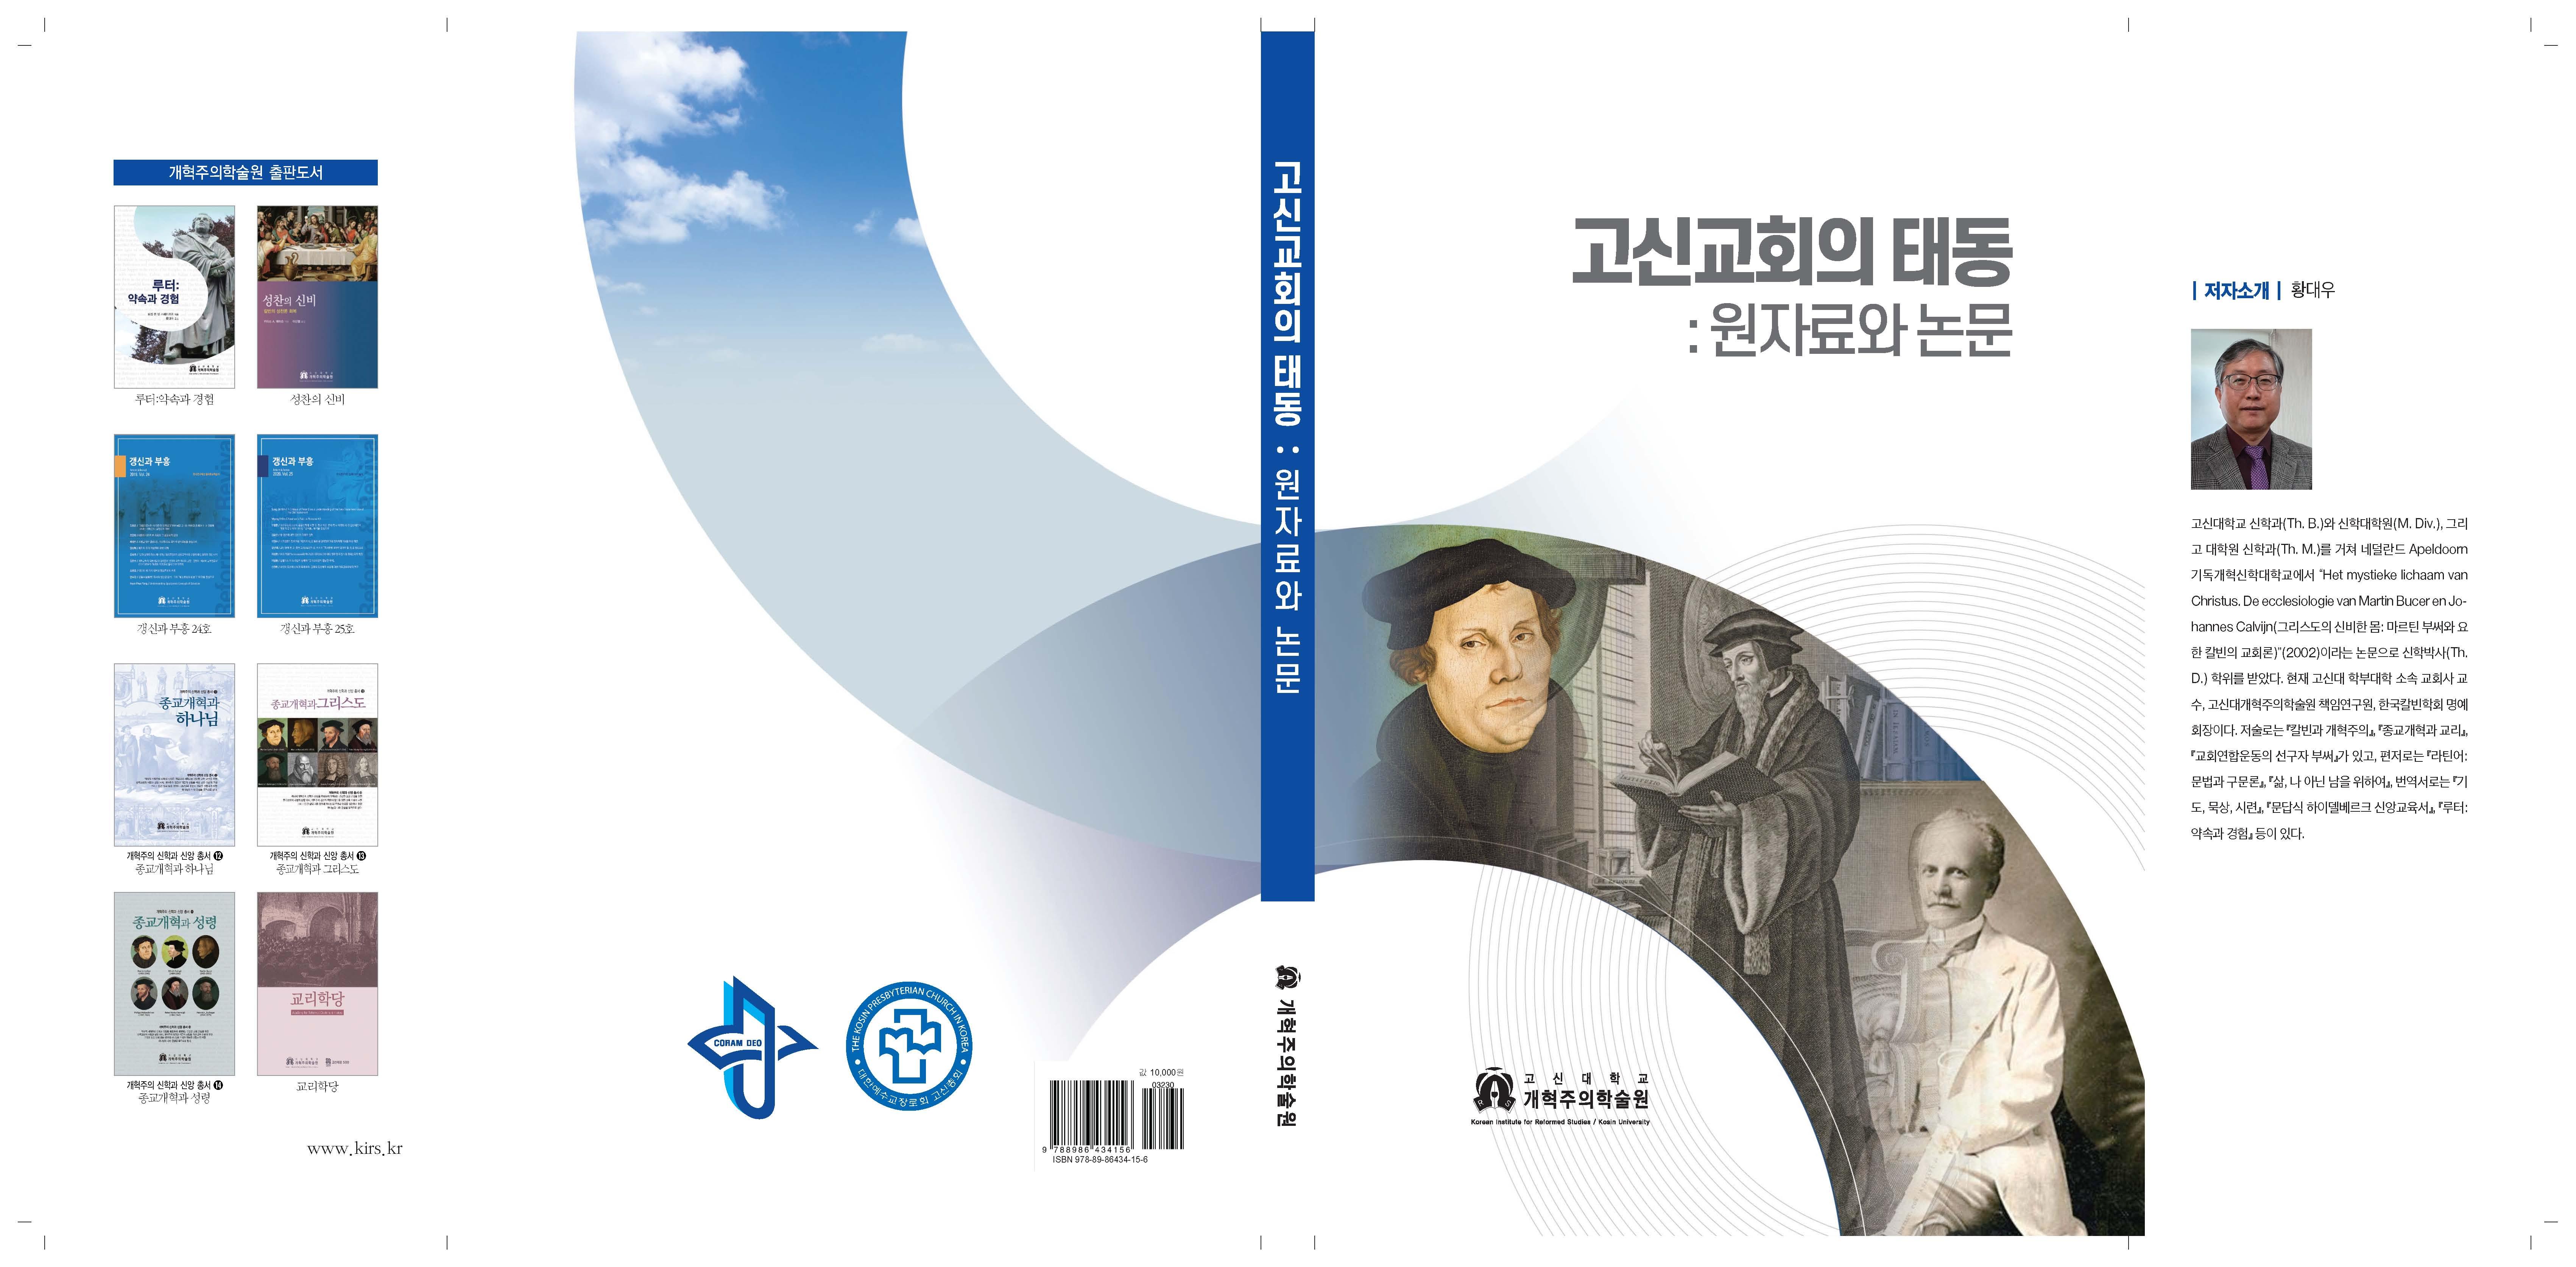 교정-고신교회의 태동_표지.jpg